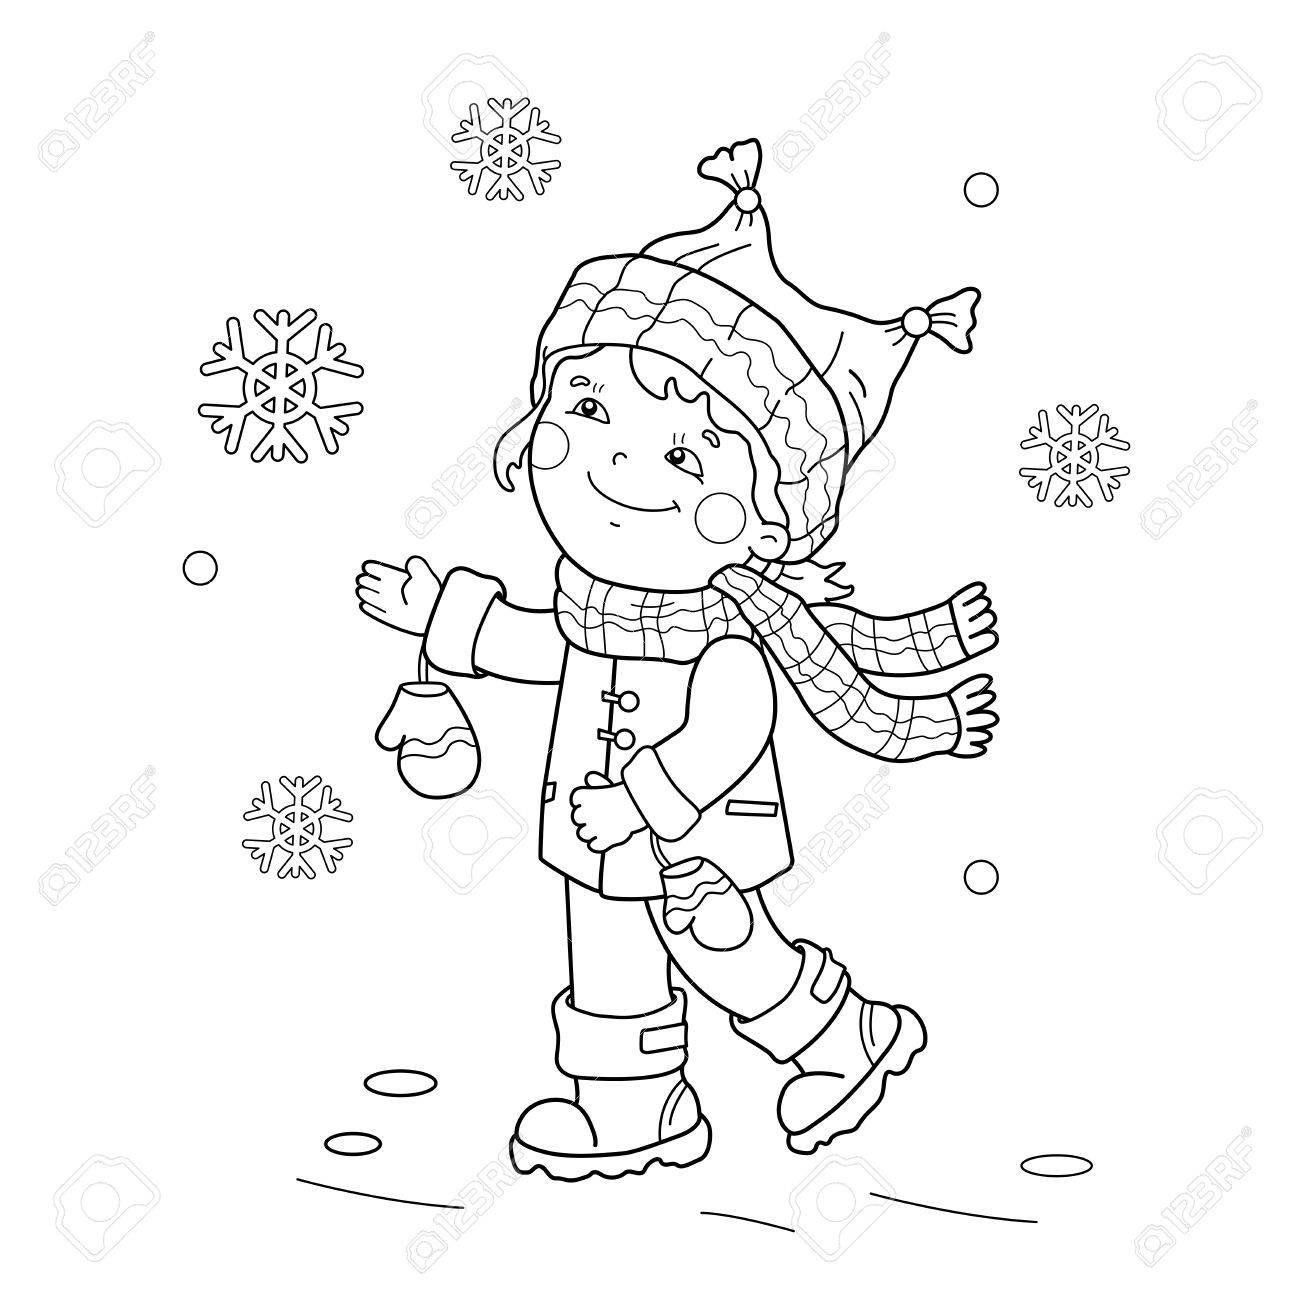 Página Para Colorear Esquema De Niña De Dibujos Animados Regocijo En La Nieve Por Primera Vez Invierno Libro De Colorear Para Niños